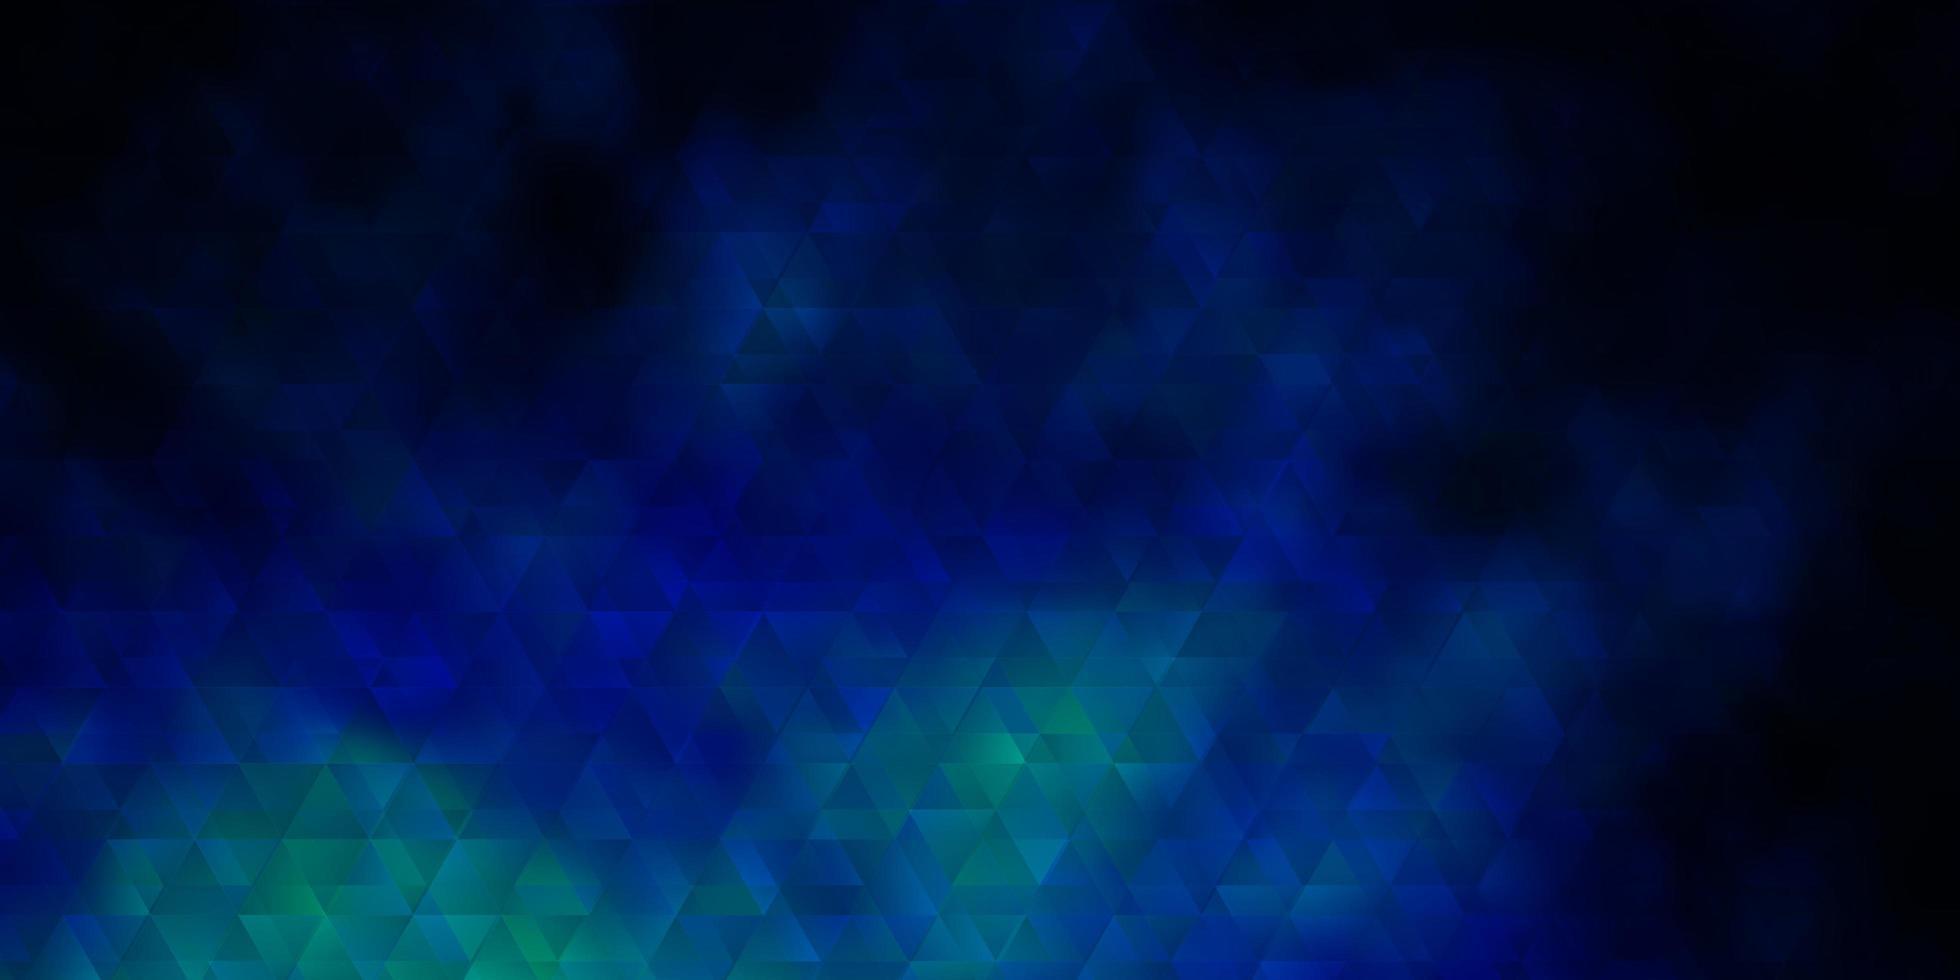 donkerblauw vector sjabloon met lijnen, driehoeken.